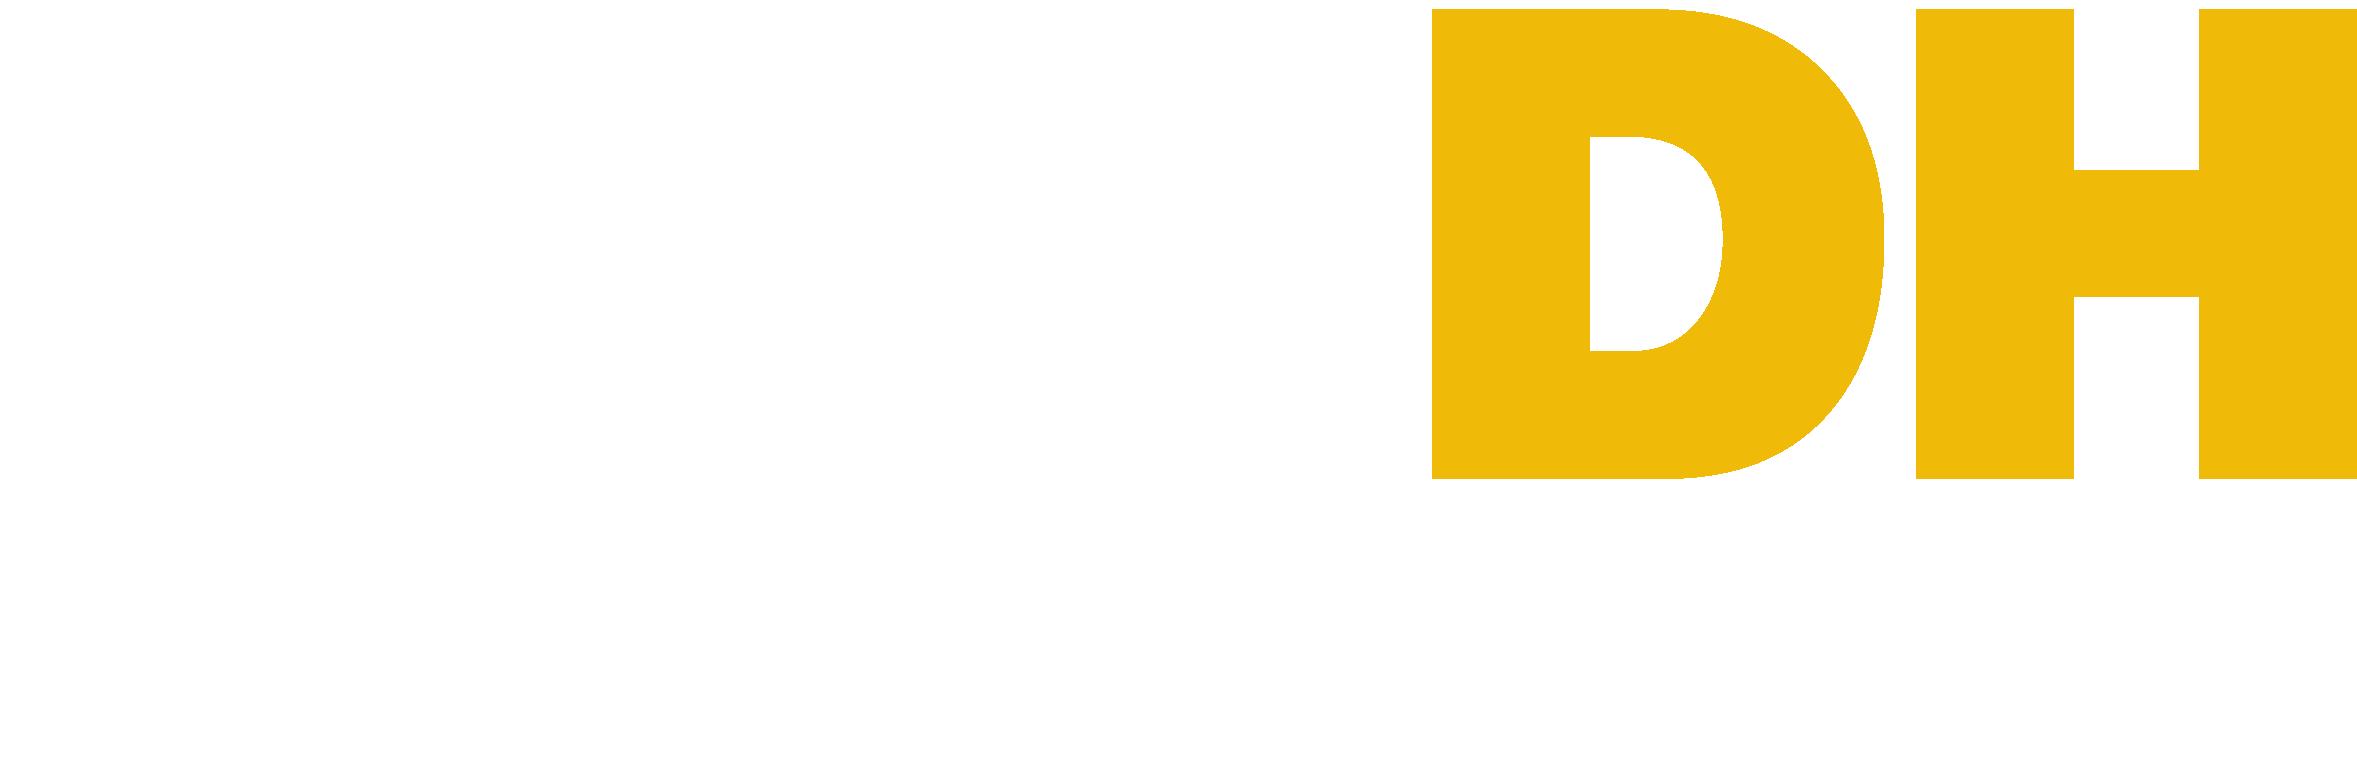 Csudh rgb logo